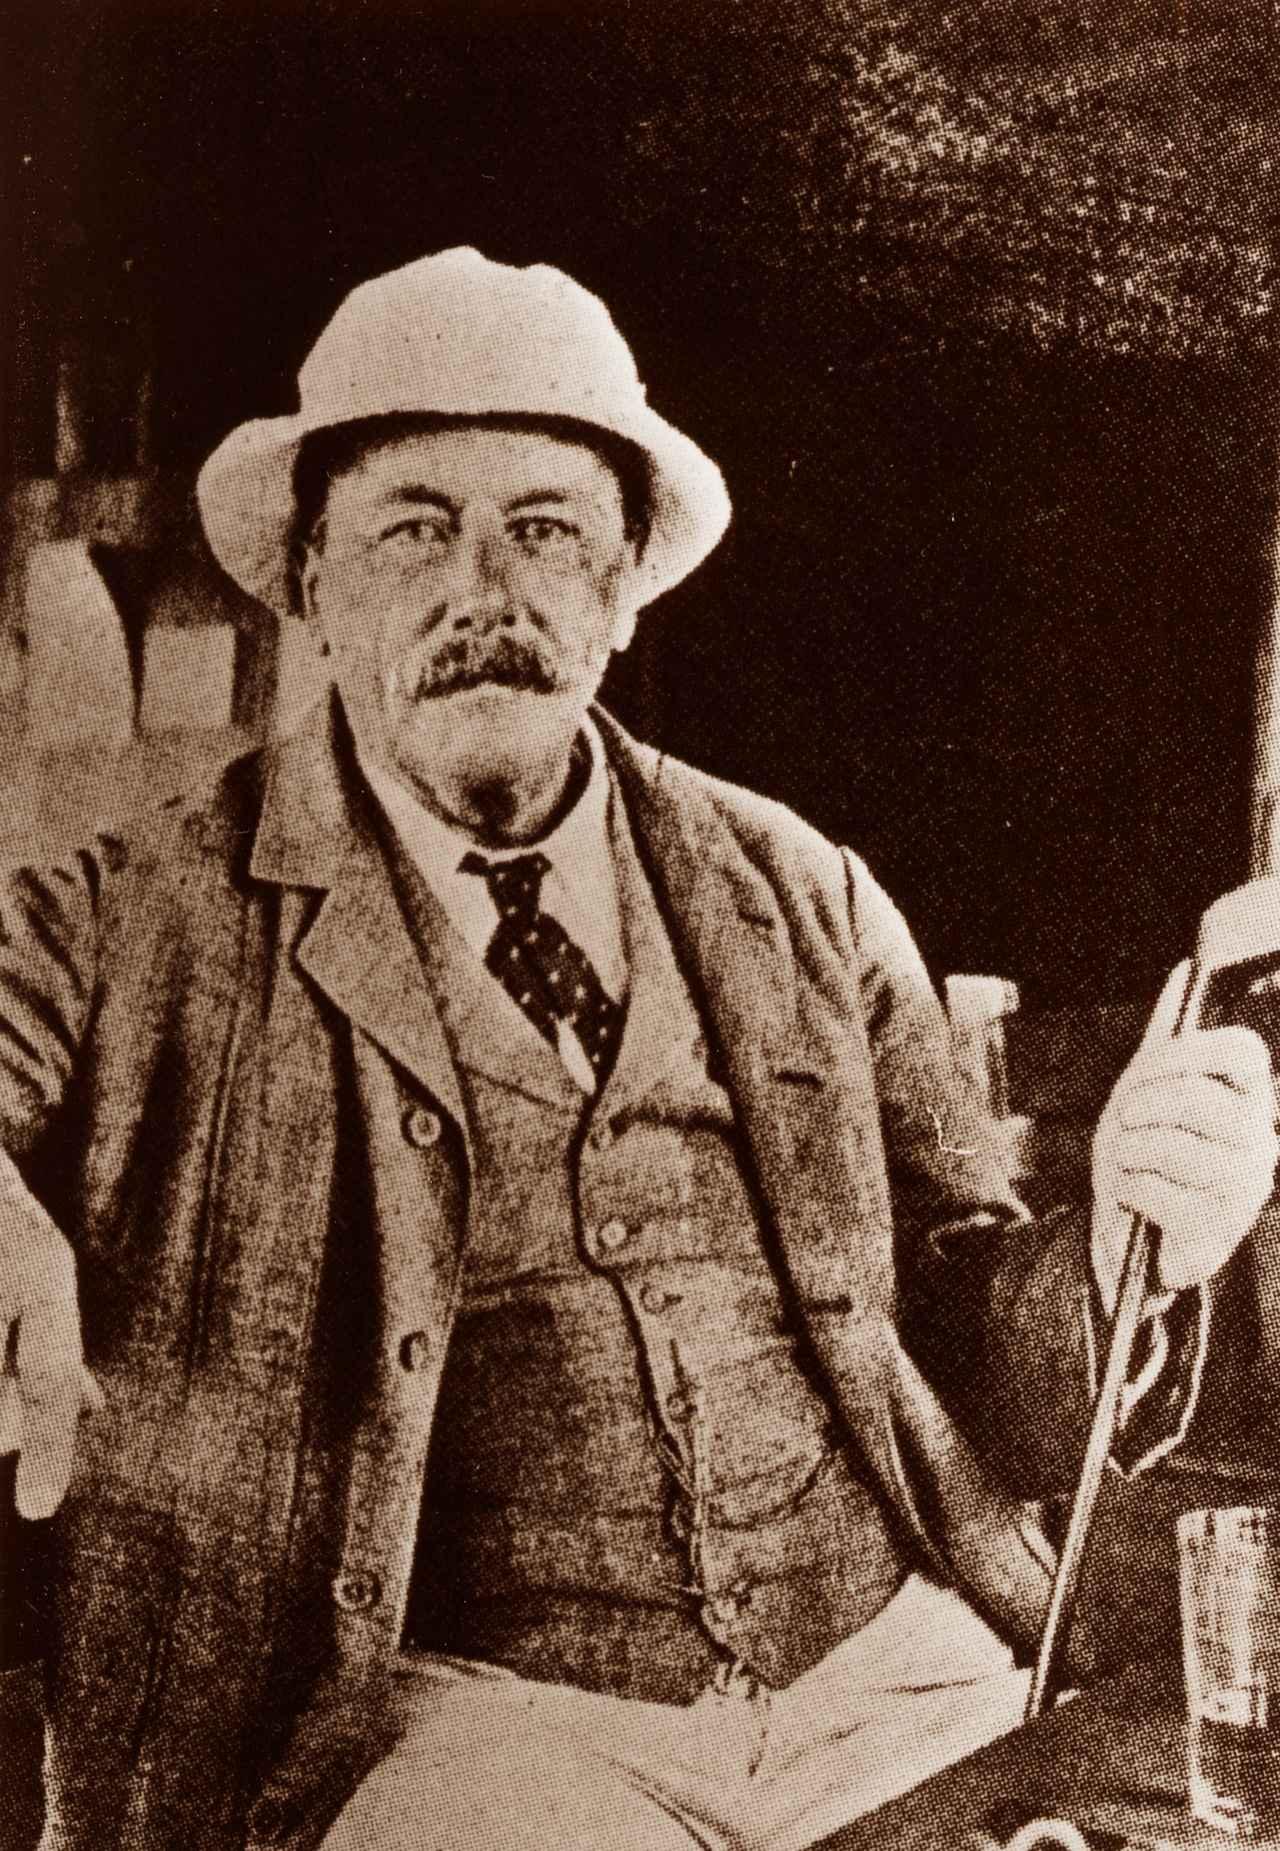 画像: 明治元年に22歳で来日した貿易商グルーム